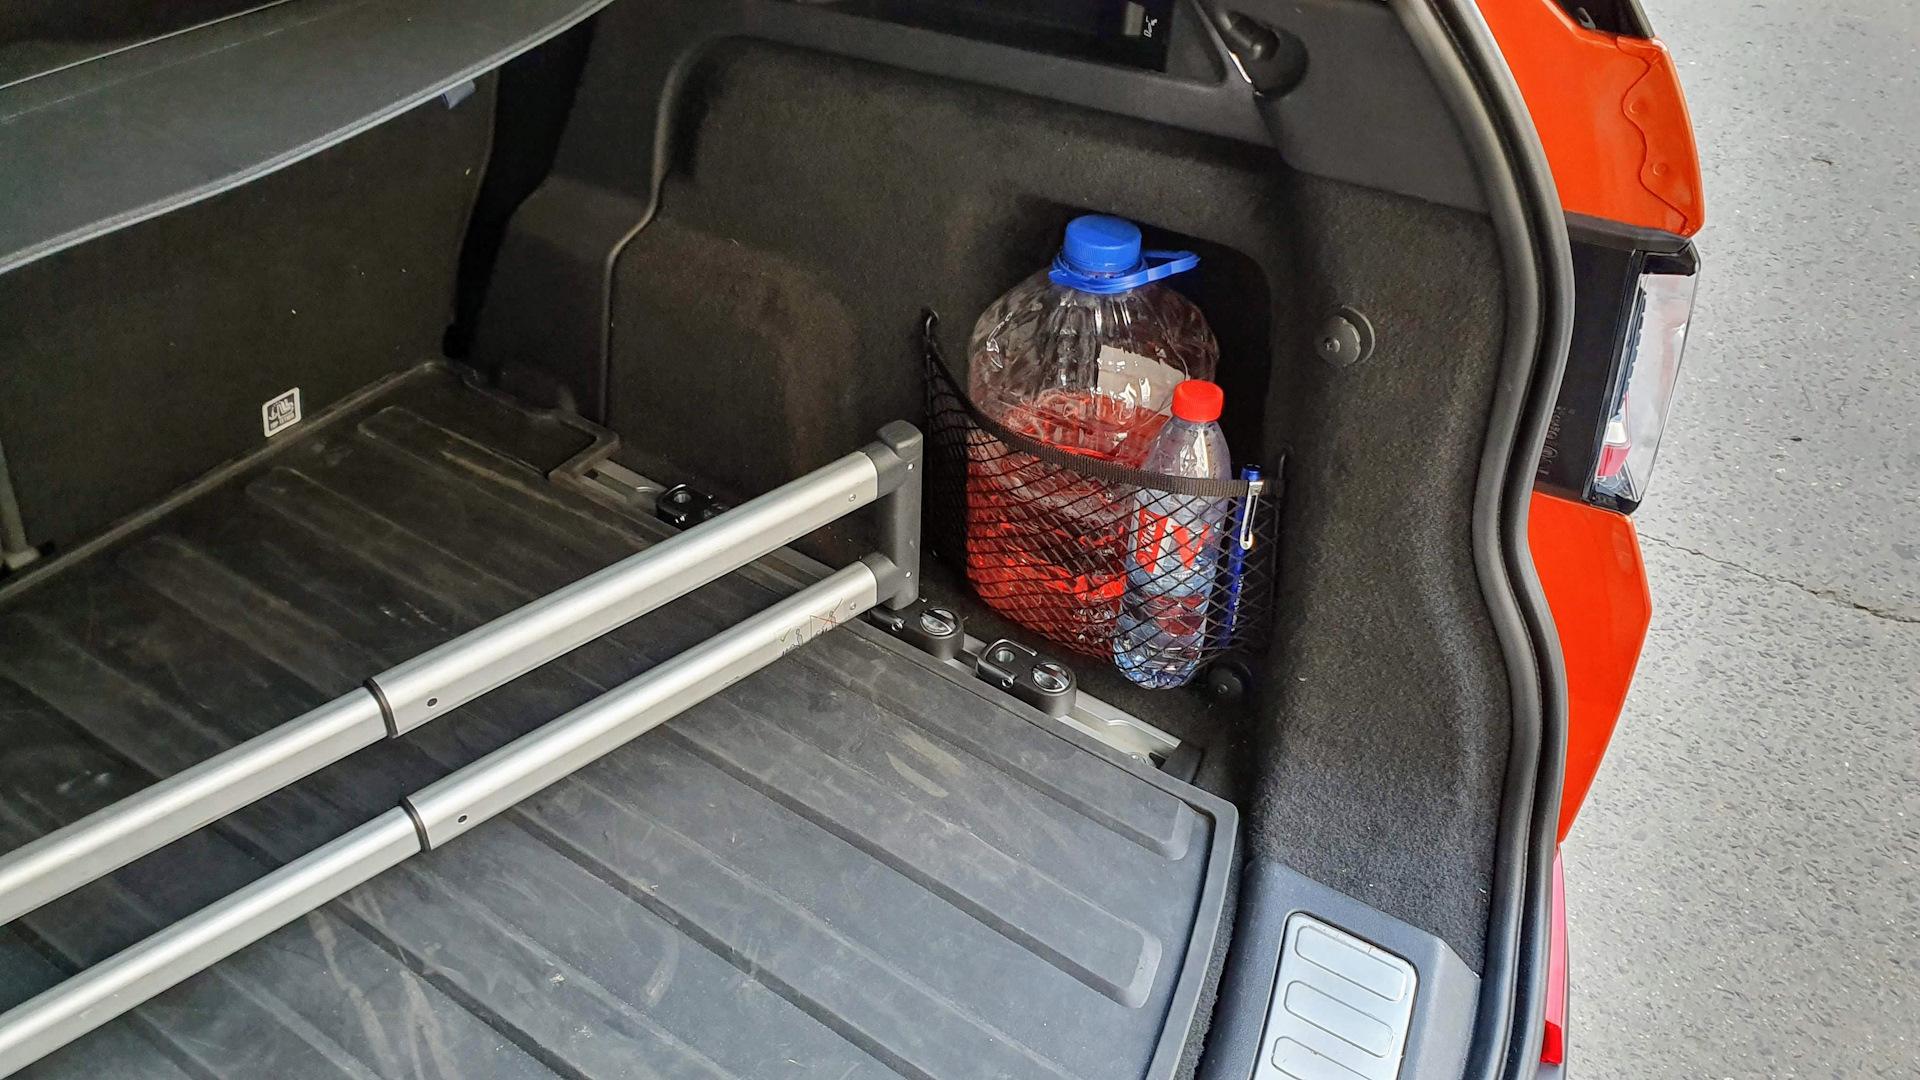 Система удержания груза в багажнике лесбиянки